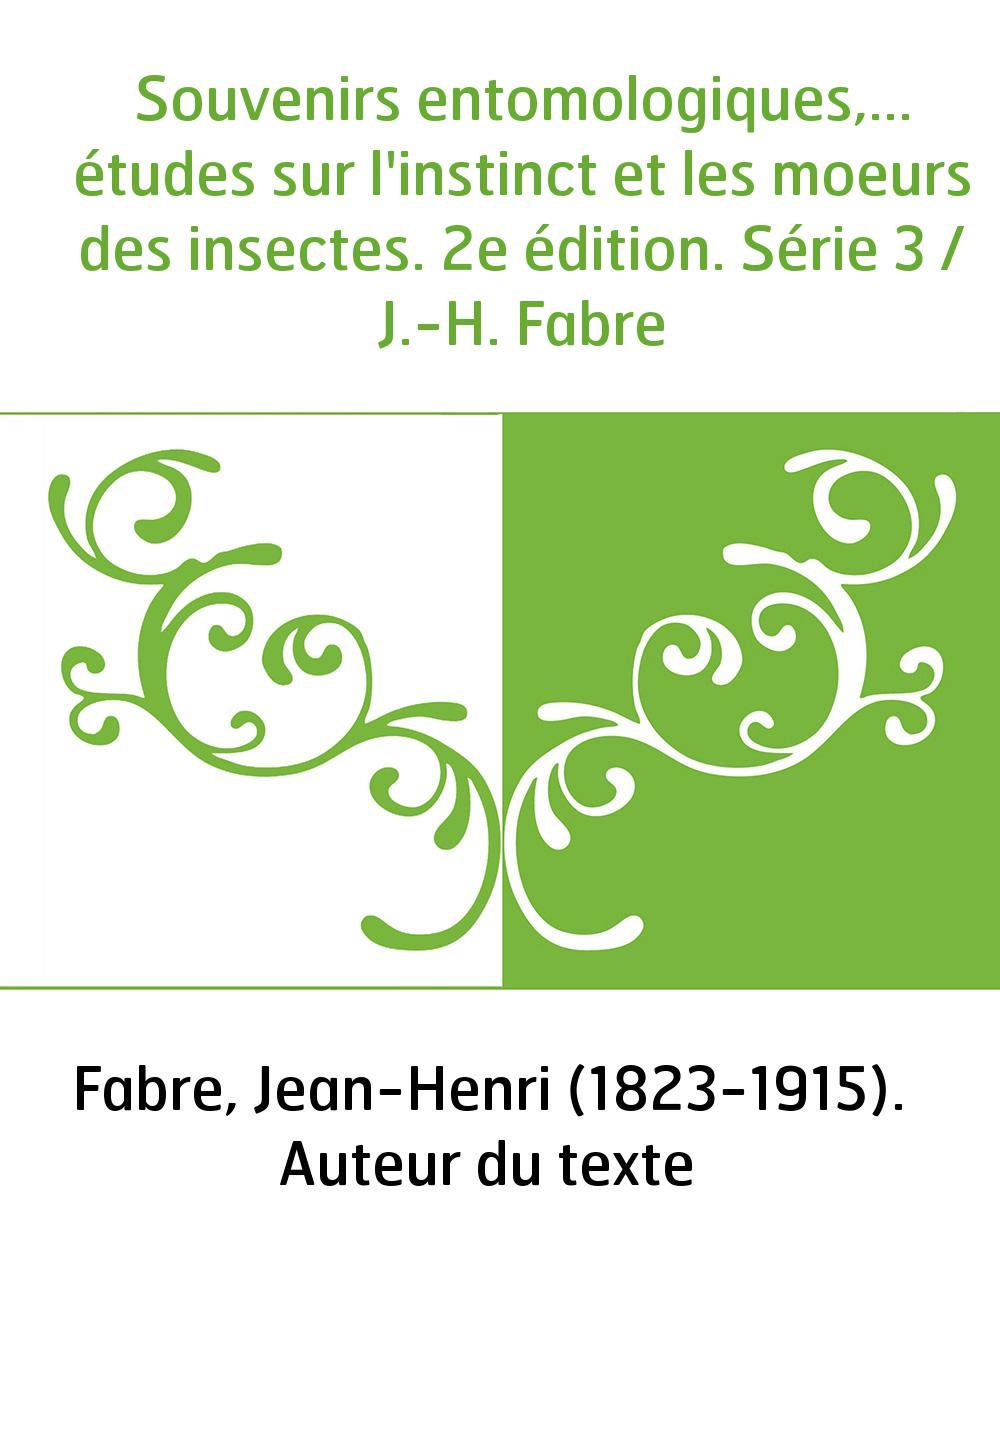 Souvenirs entomologiques,... études sur l'instinct et les moeurs des insectes. 2e édition. Série 3 / J.-H. Fabre